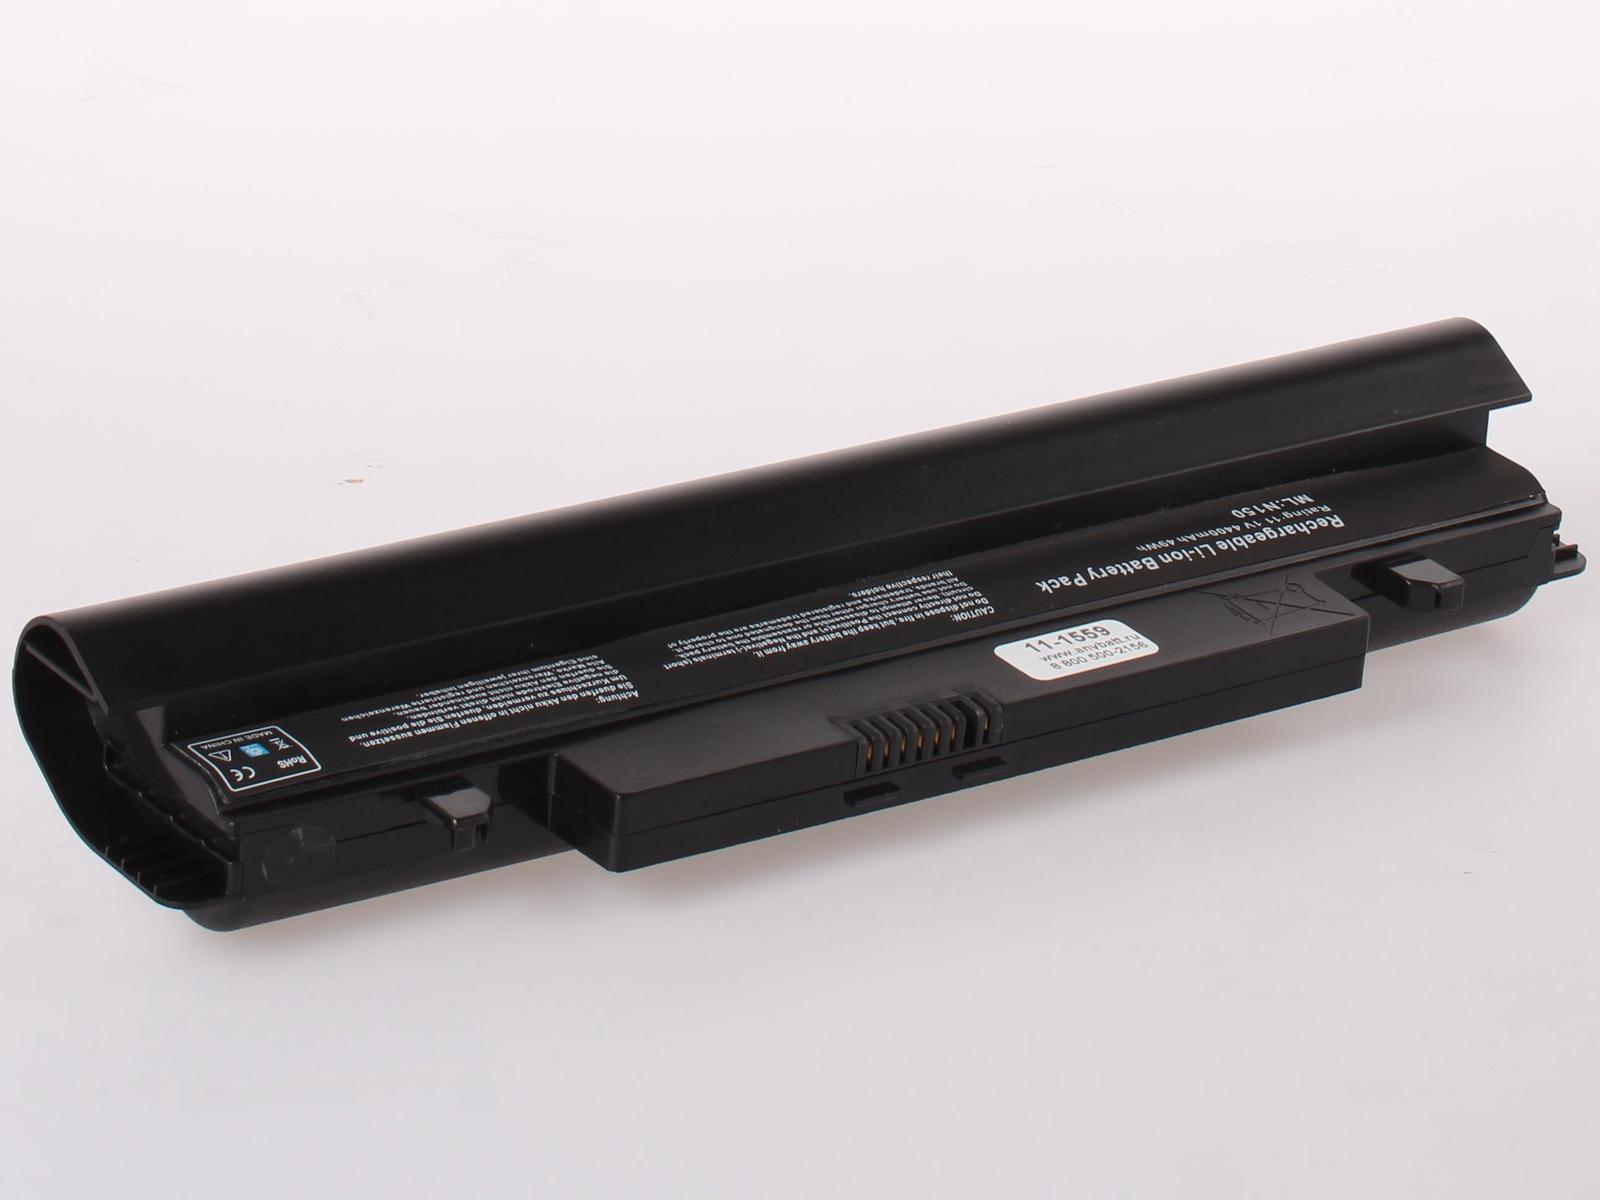 Аккумулятор для ноутбука AnyBatt Samsung AA-PB2VC6B, AA-PL2VC6B, AA-PL2VC6W, CS-SNC143NB скачать драйвера для ноутбука samsung